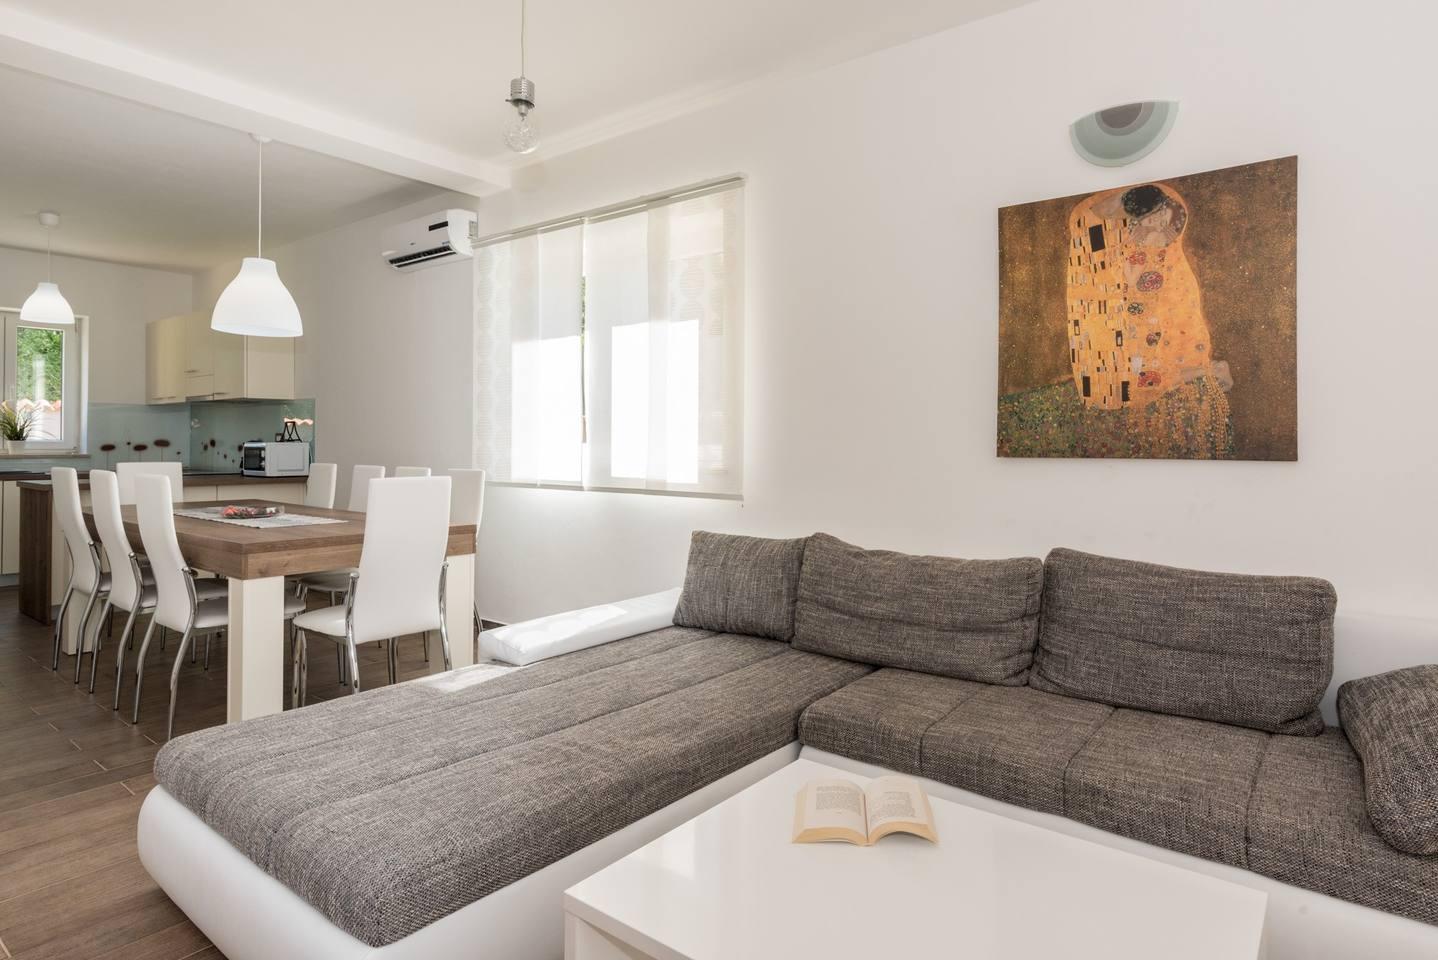 Apartment Villa in Zartinj photo 16921197